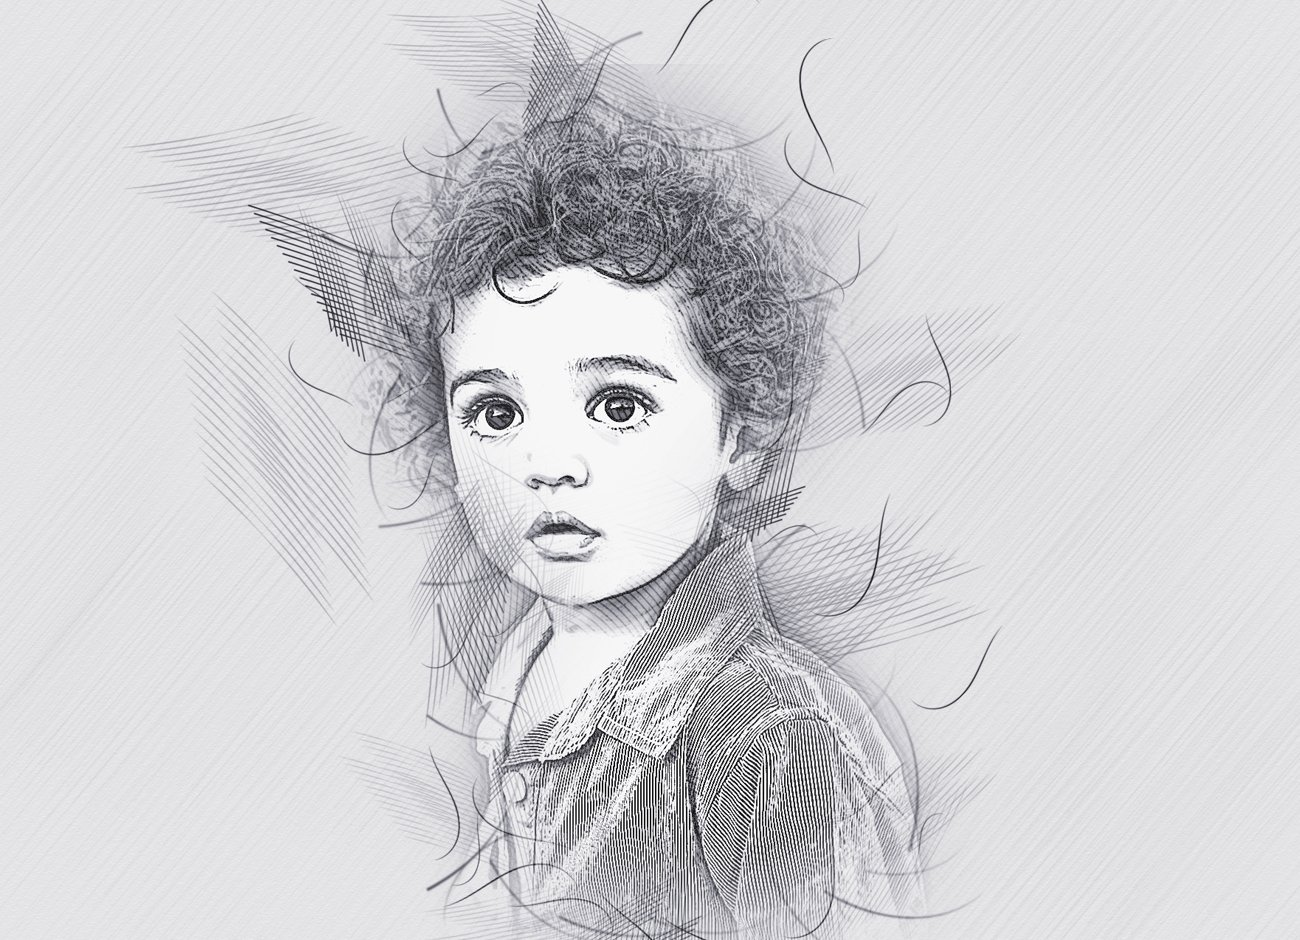 铅笔手绘素描效果照片处理特效PS动作模板 Hand Drawing Sketch Photoshop Action插图4